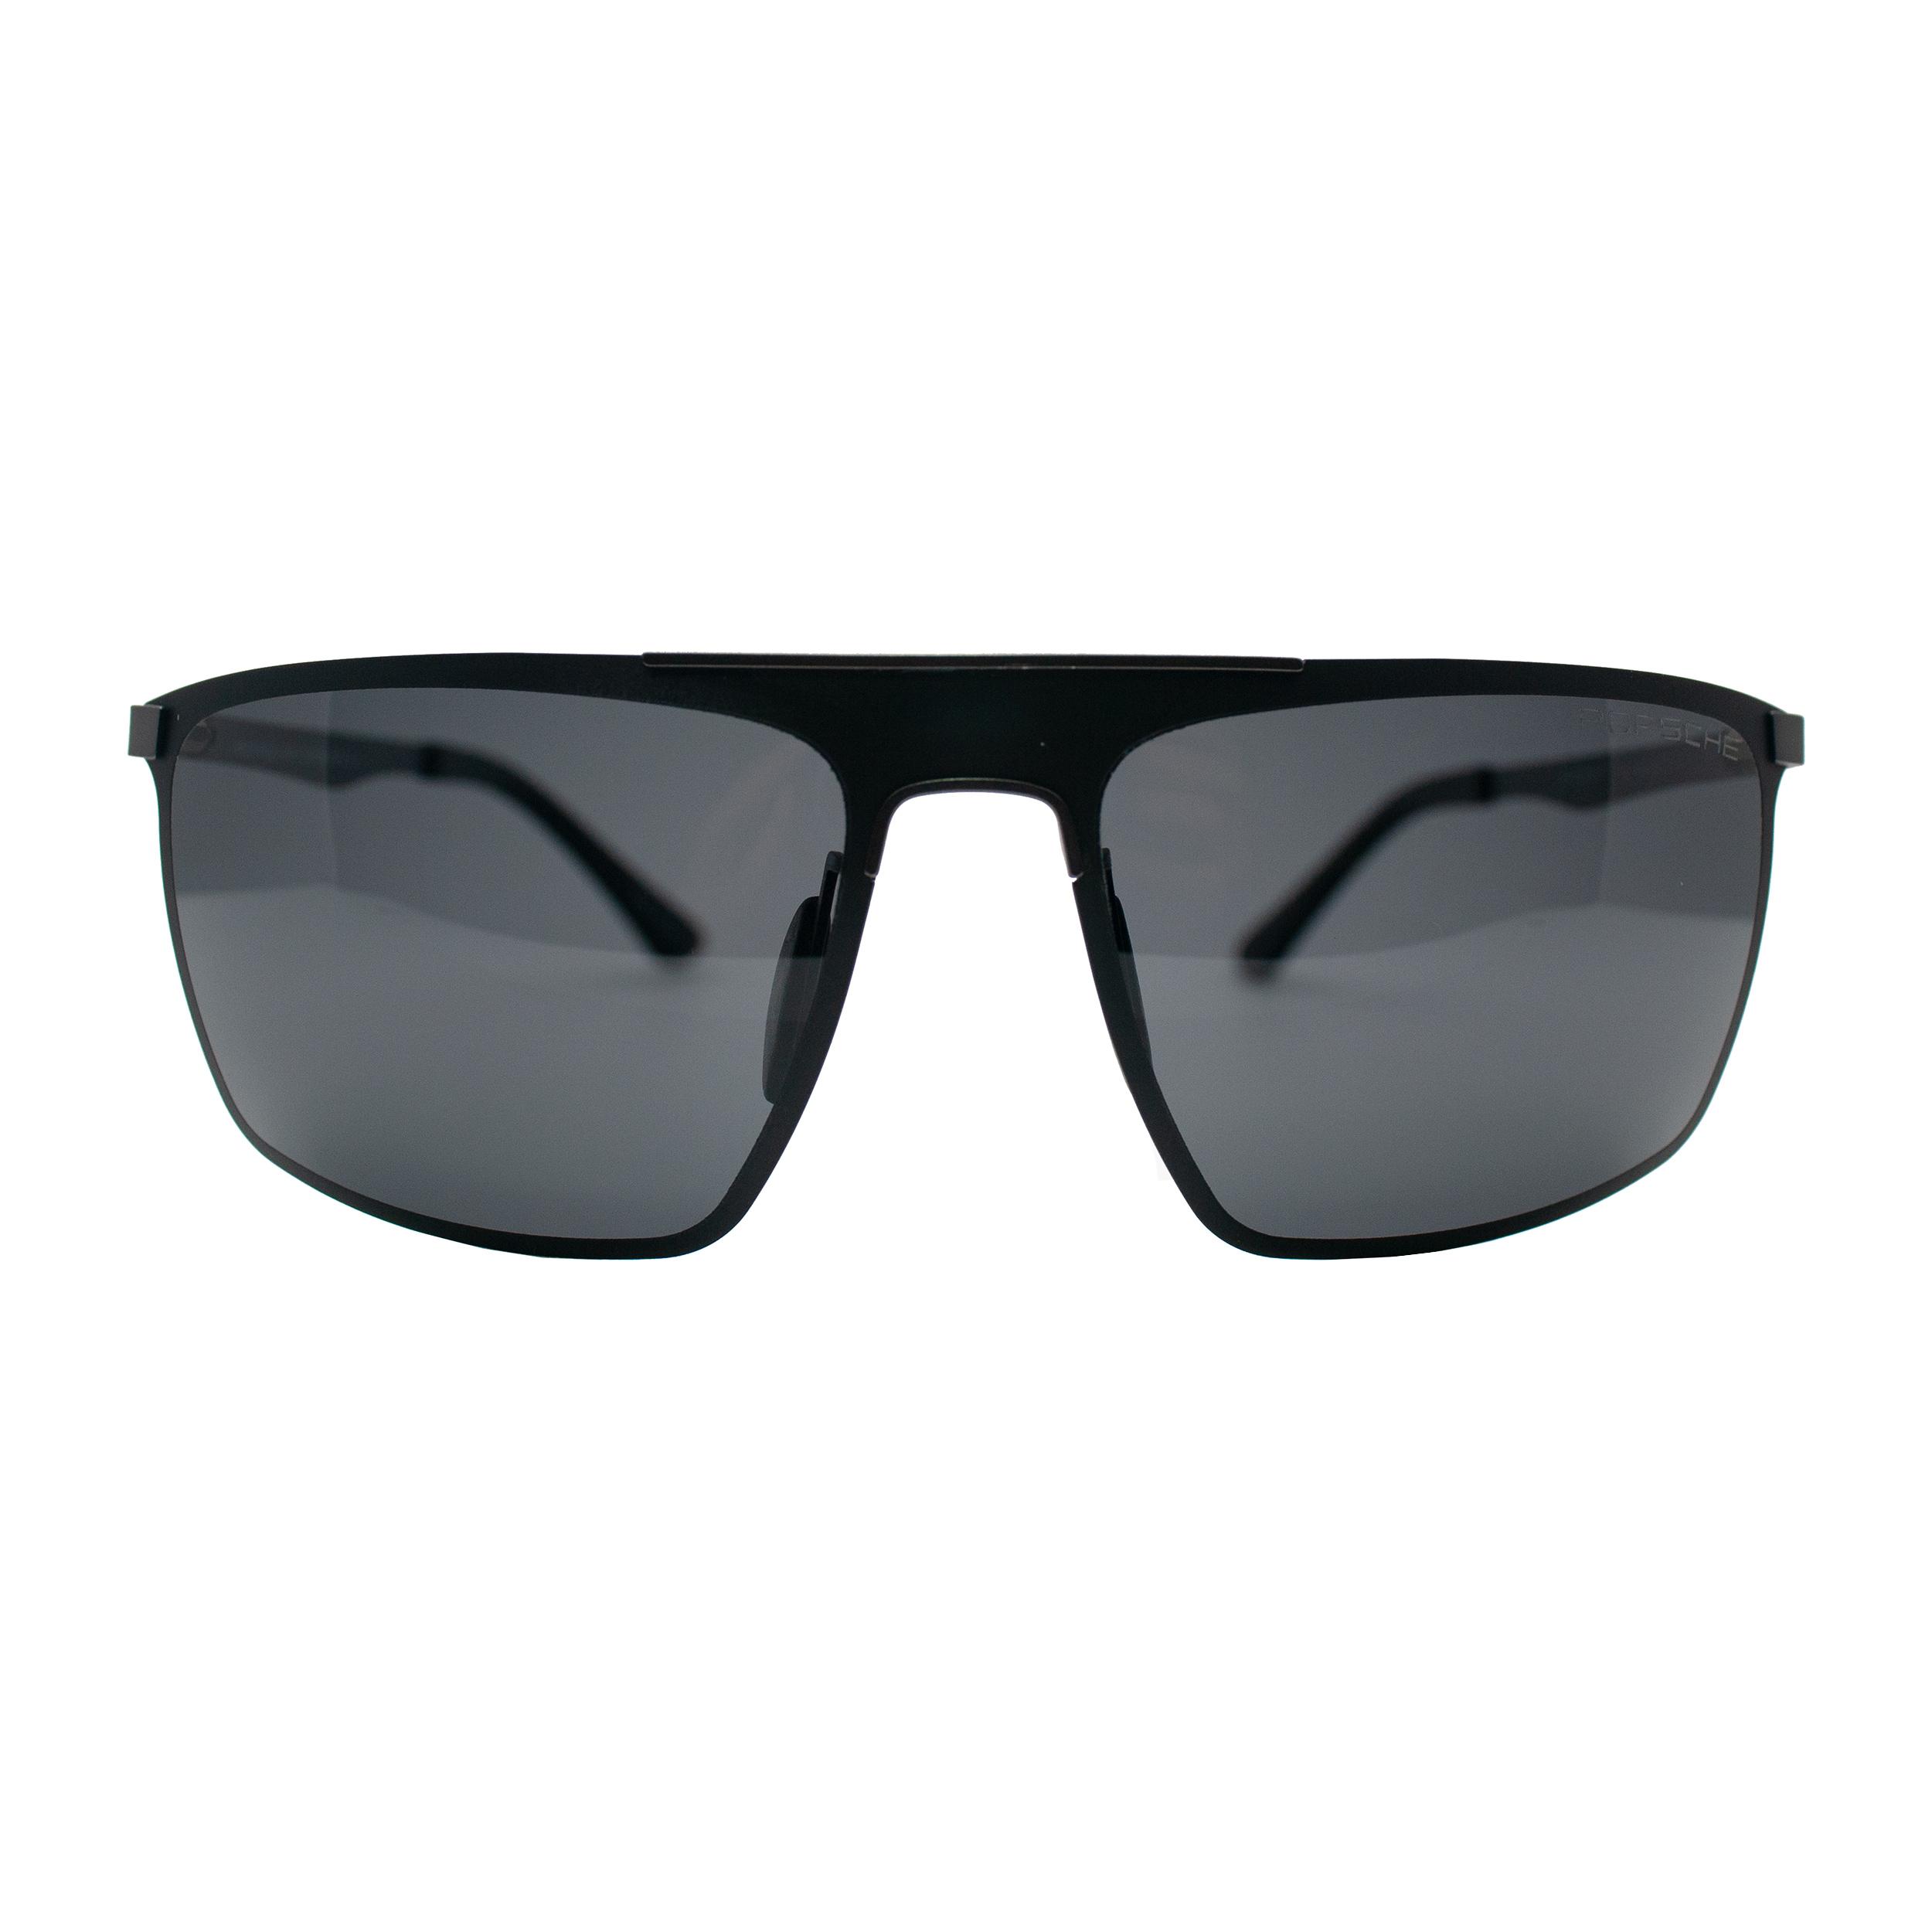 عینک آفتابی پورش دیزاین مدل P8824